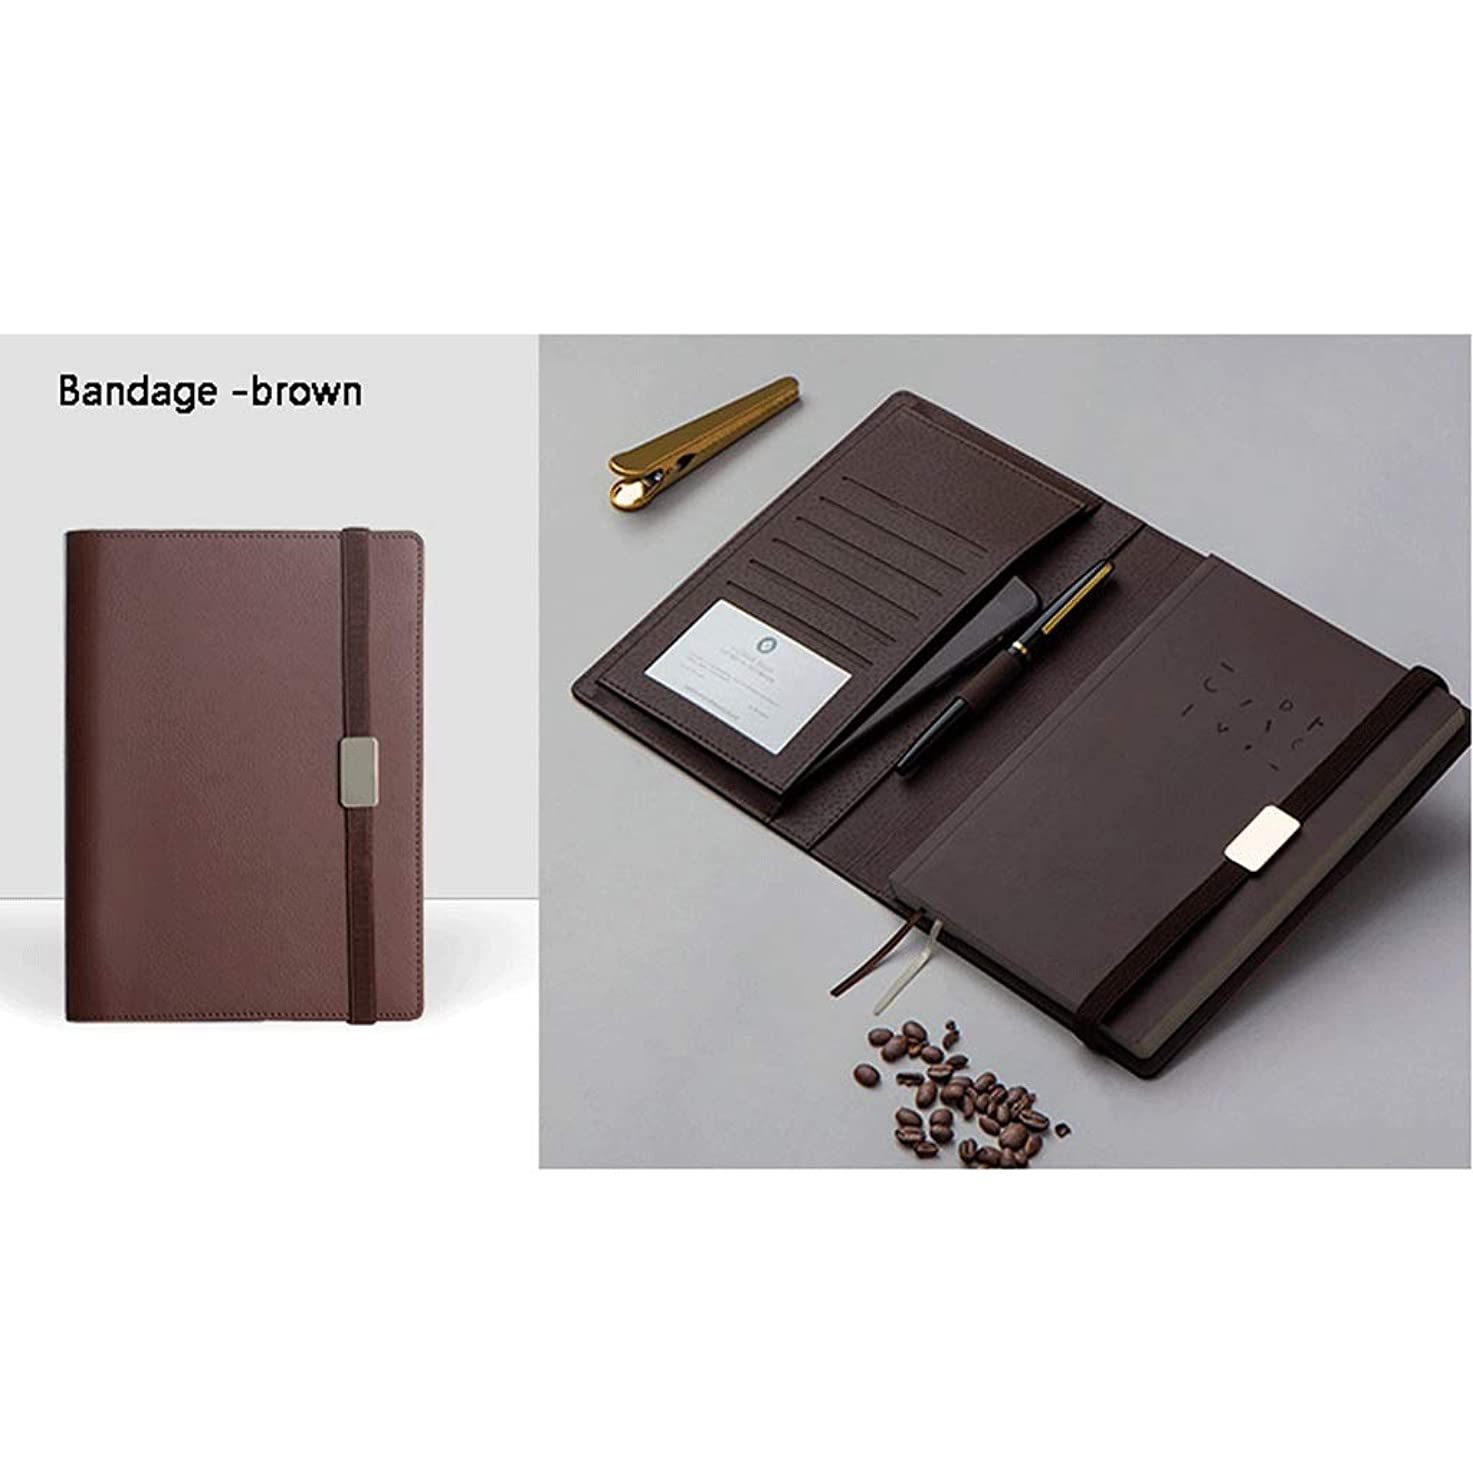 ナビゲーション遺伝子名誉あるメモ帳 レザーポケットノート、詰め替え可能なトラベルジャーナル、ライティングに最適、ギフト、旅行者、日記やオーガナイザーとして、A5 ノート (Color : Bandage - brown)